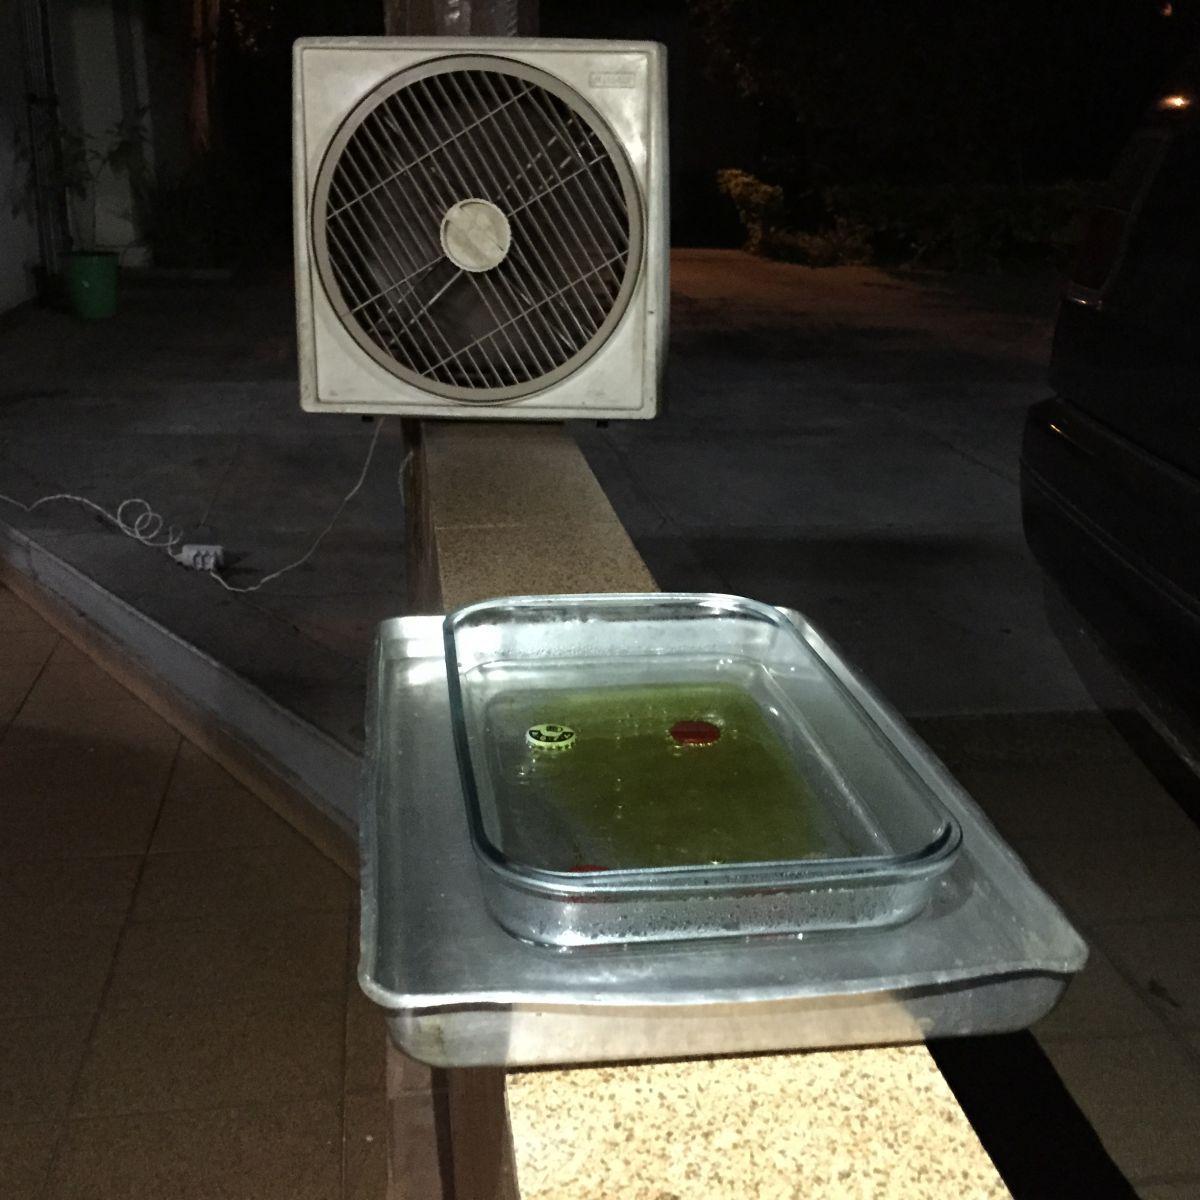 Ventilador para espalhar o vapor de álcool